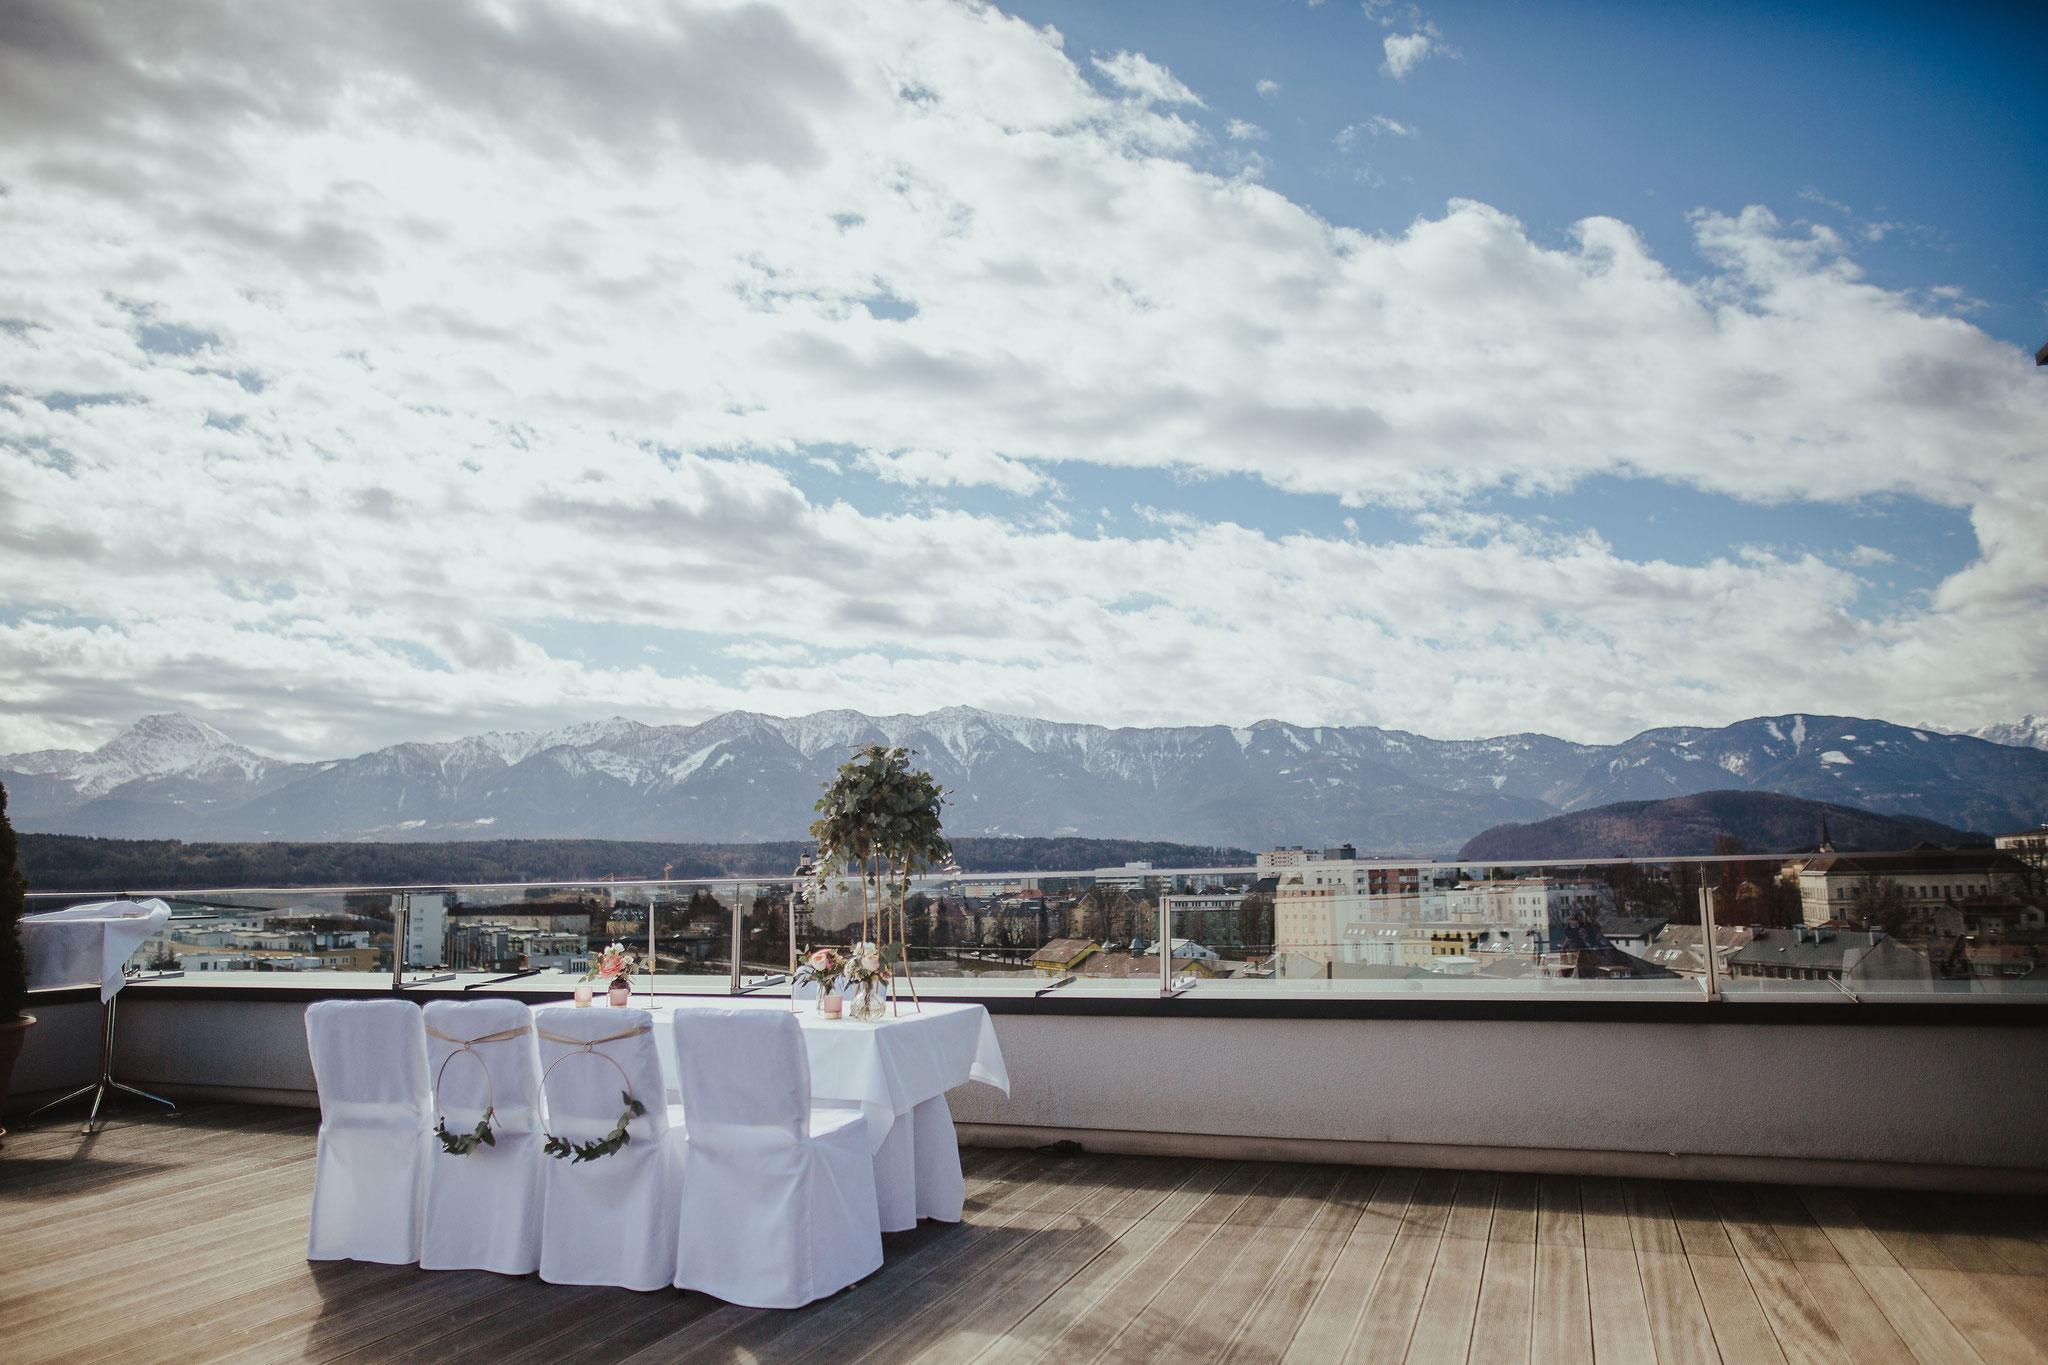 Trauungstisch mit Blick auf die Berge - © Christina Supanz